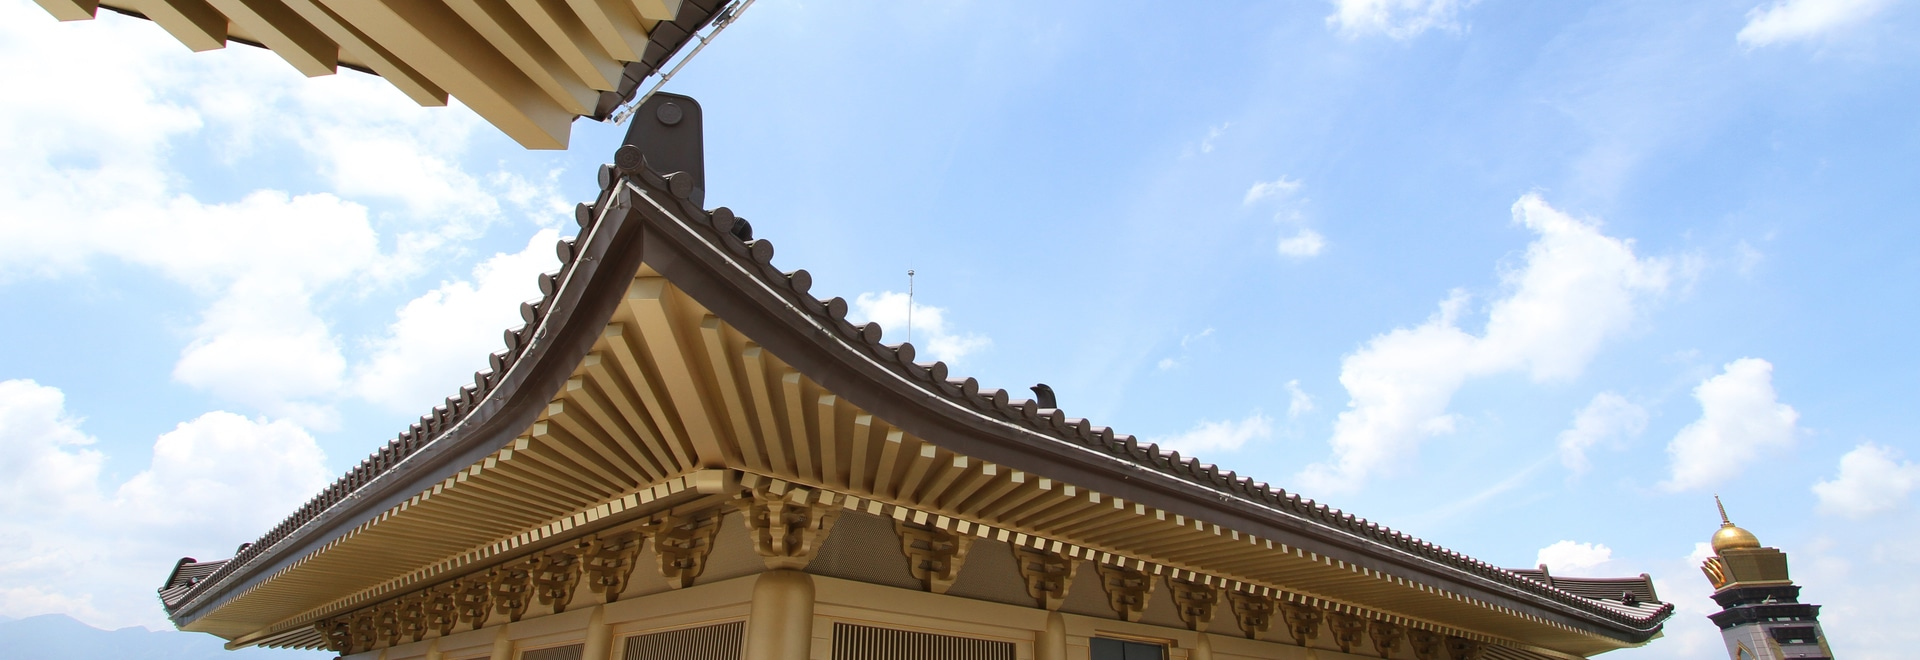 marrón y oro de Rainbow® del elZinc para la techumbre y el revestimiento del museo del monasterio.